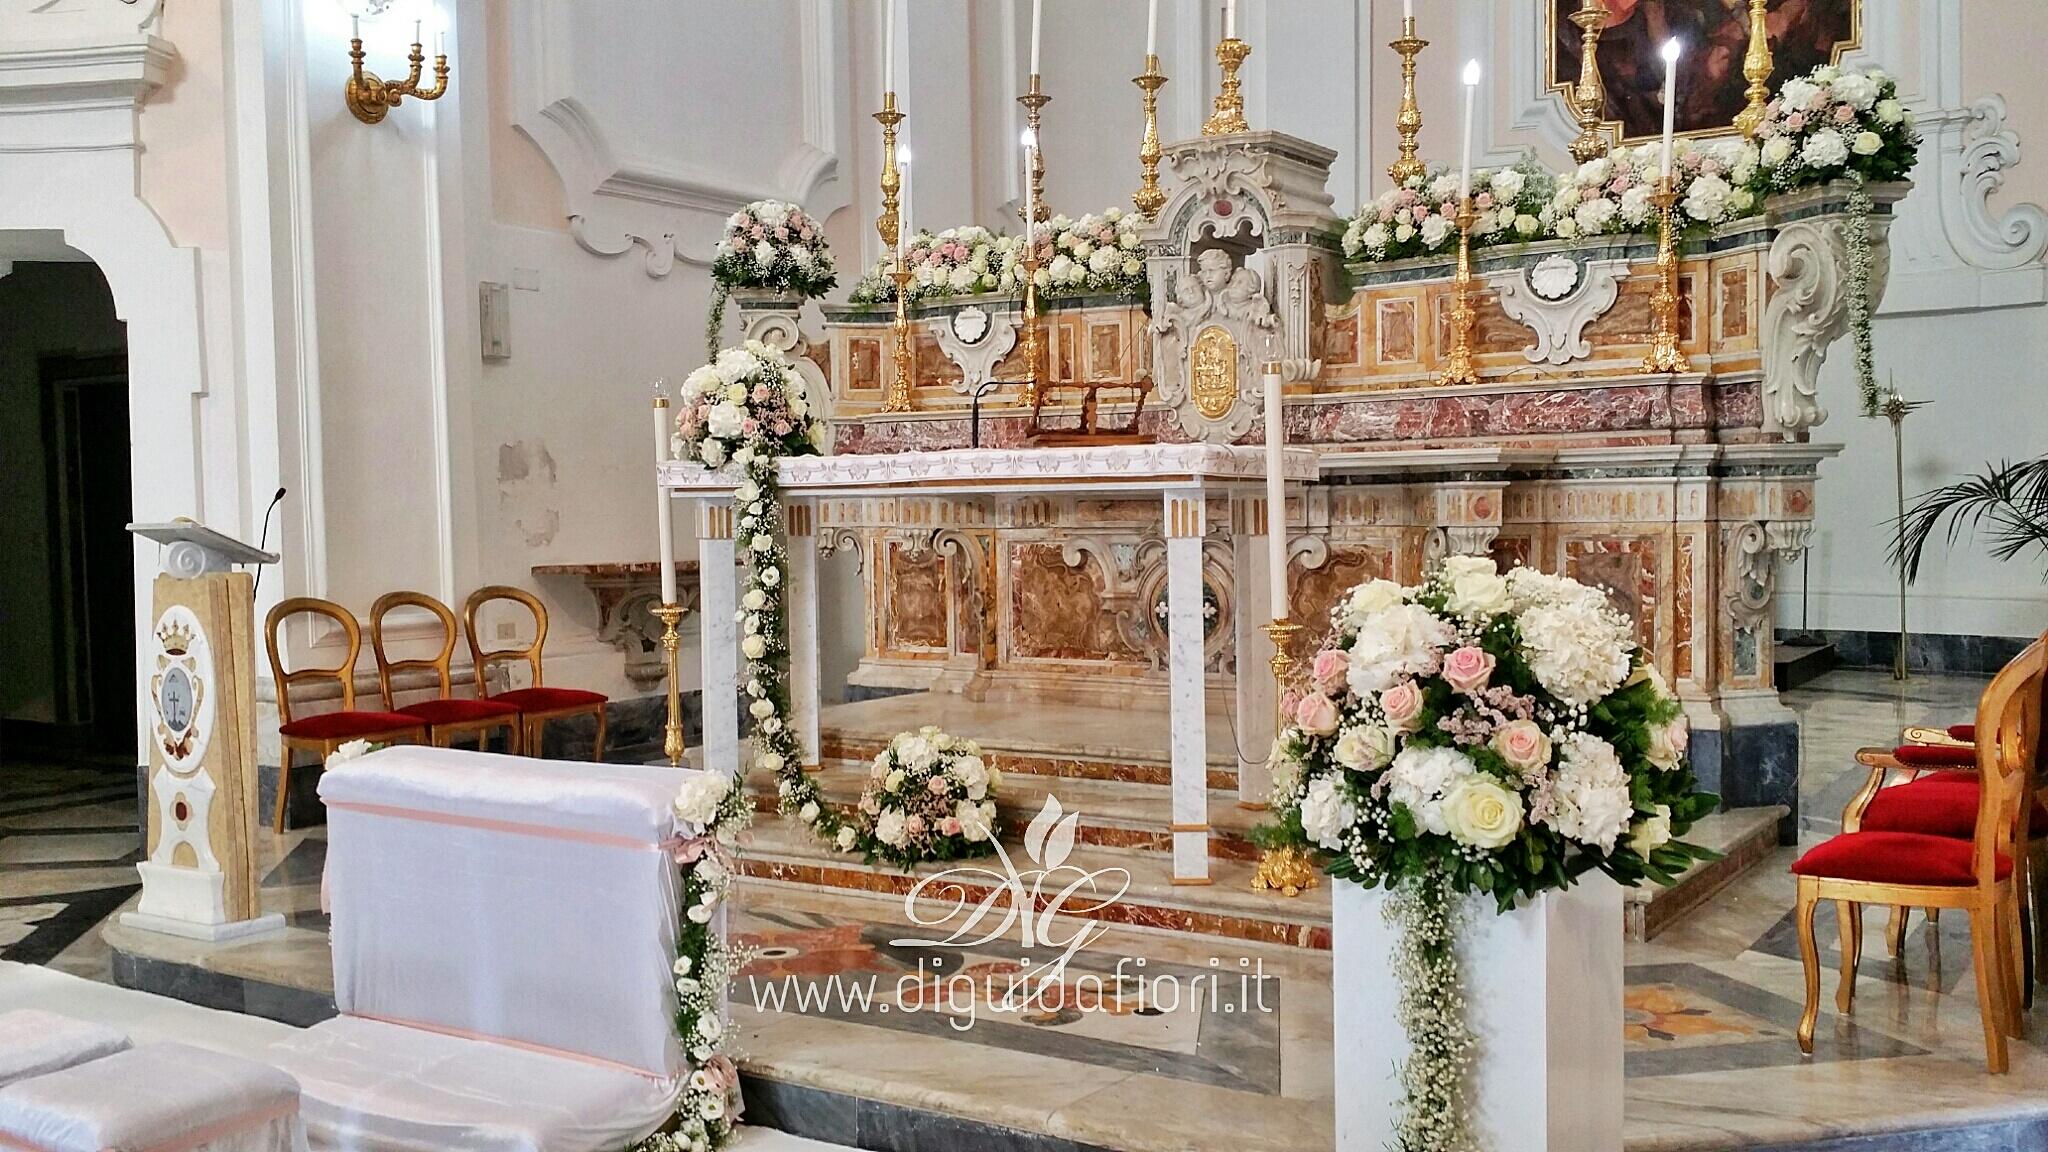 Addobbo floreale per matrimonio – Chiesa di San Michele – Colle Sant'Alfonso